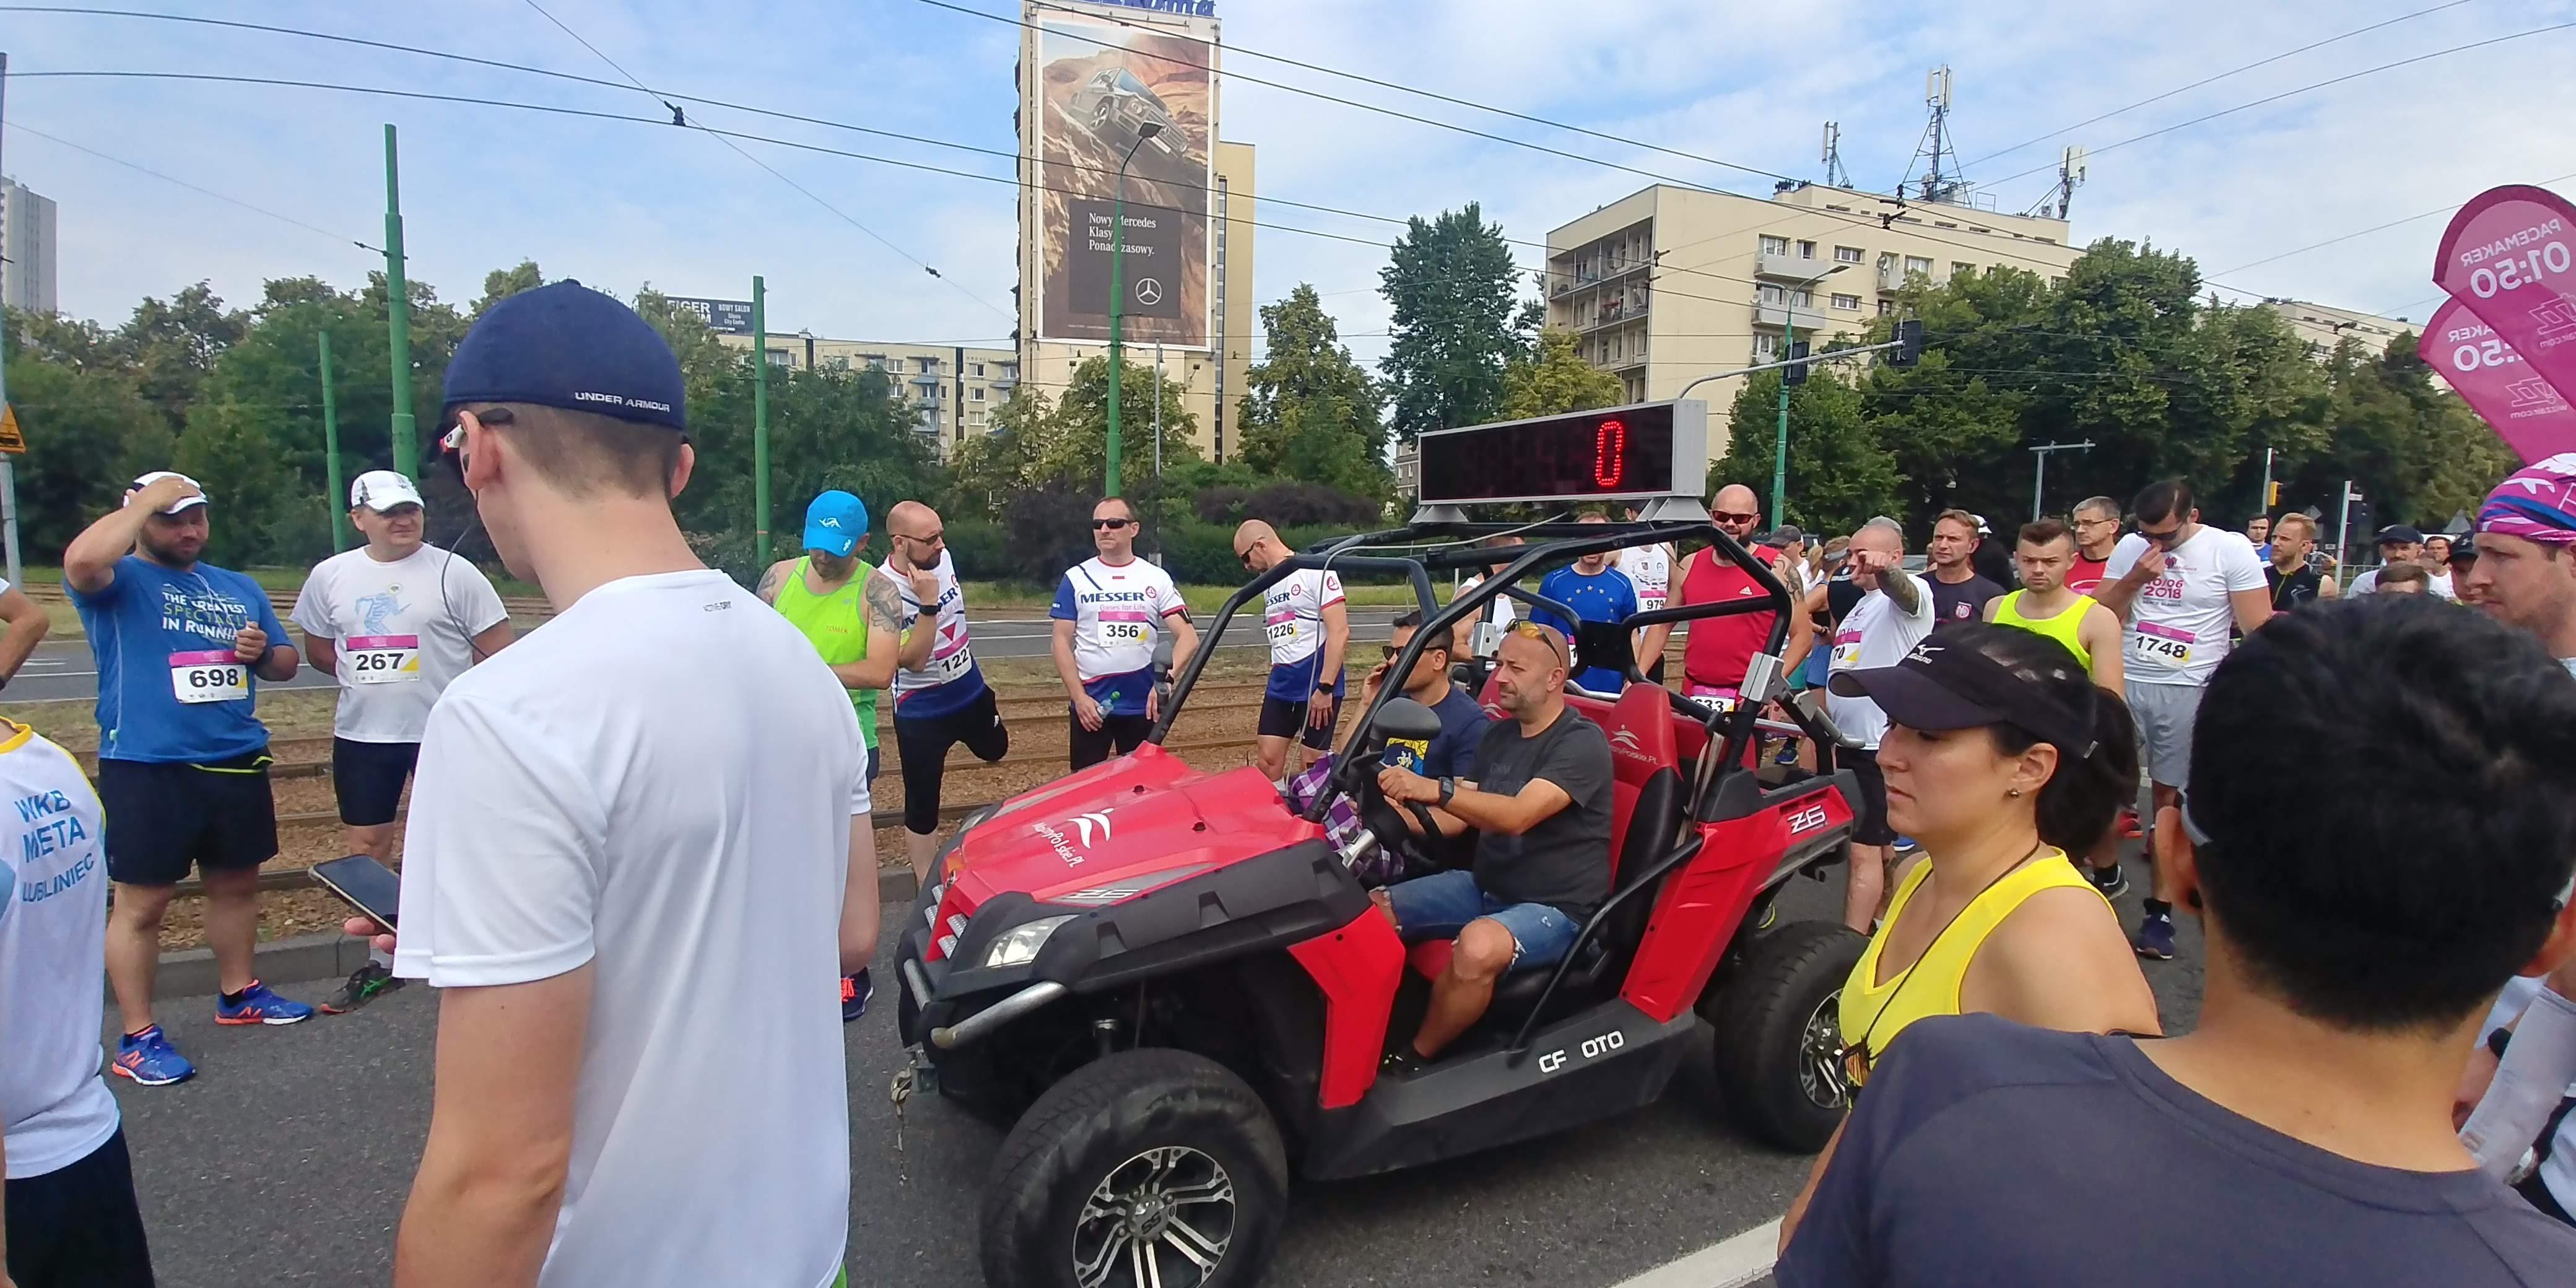 quad przed startem Wizz air Katowice Half Marathon